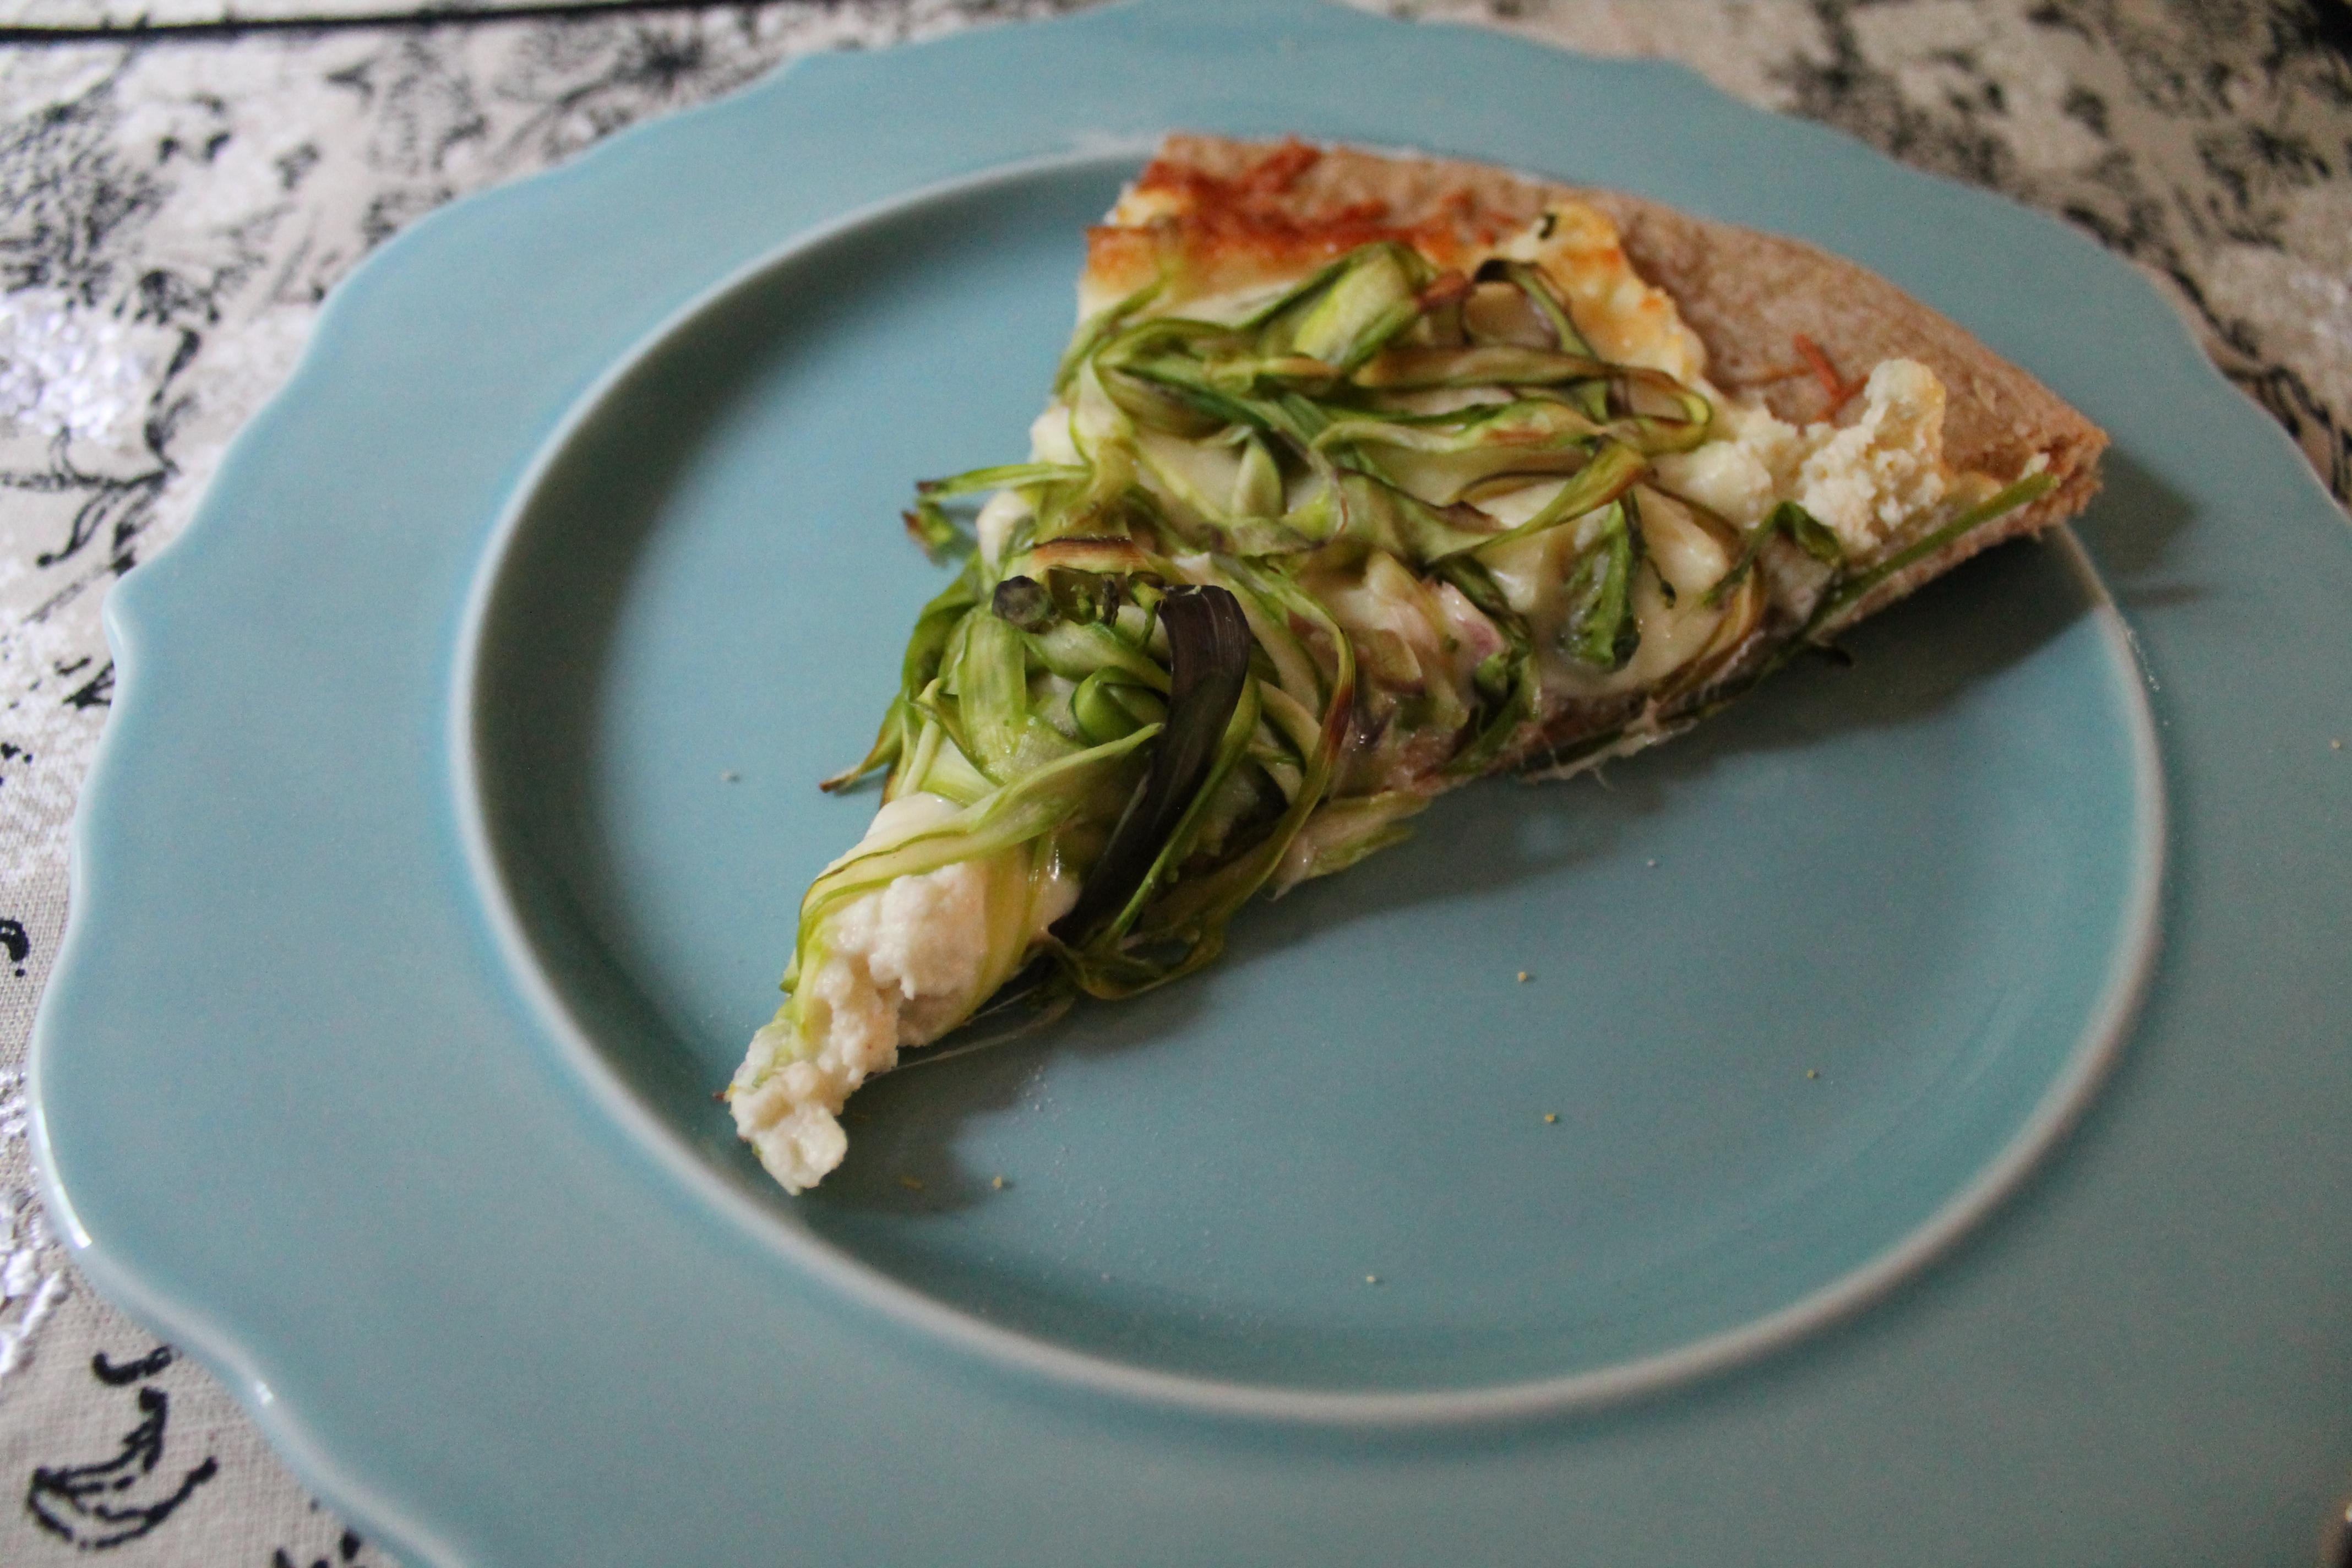 Pizza + Asparagus